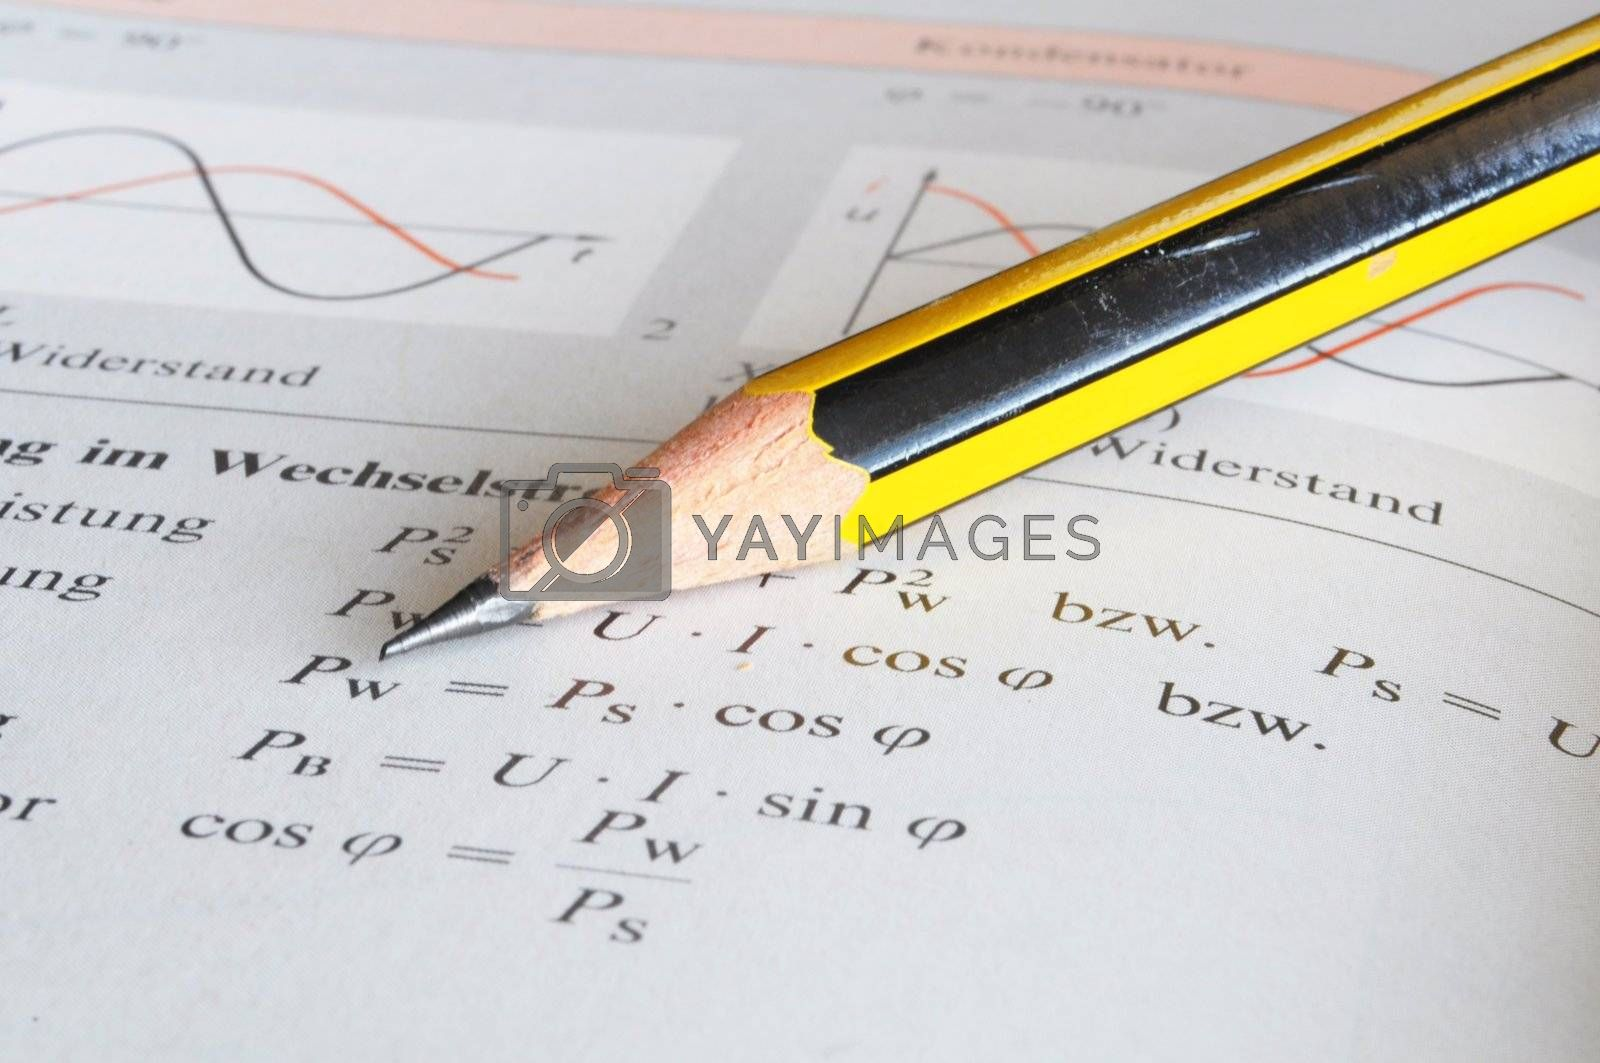 physics education by gunnar3000